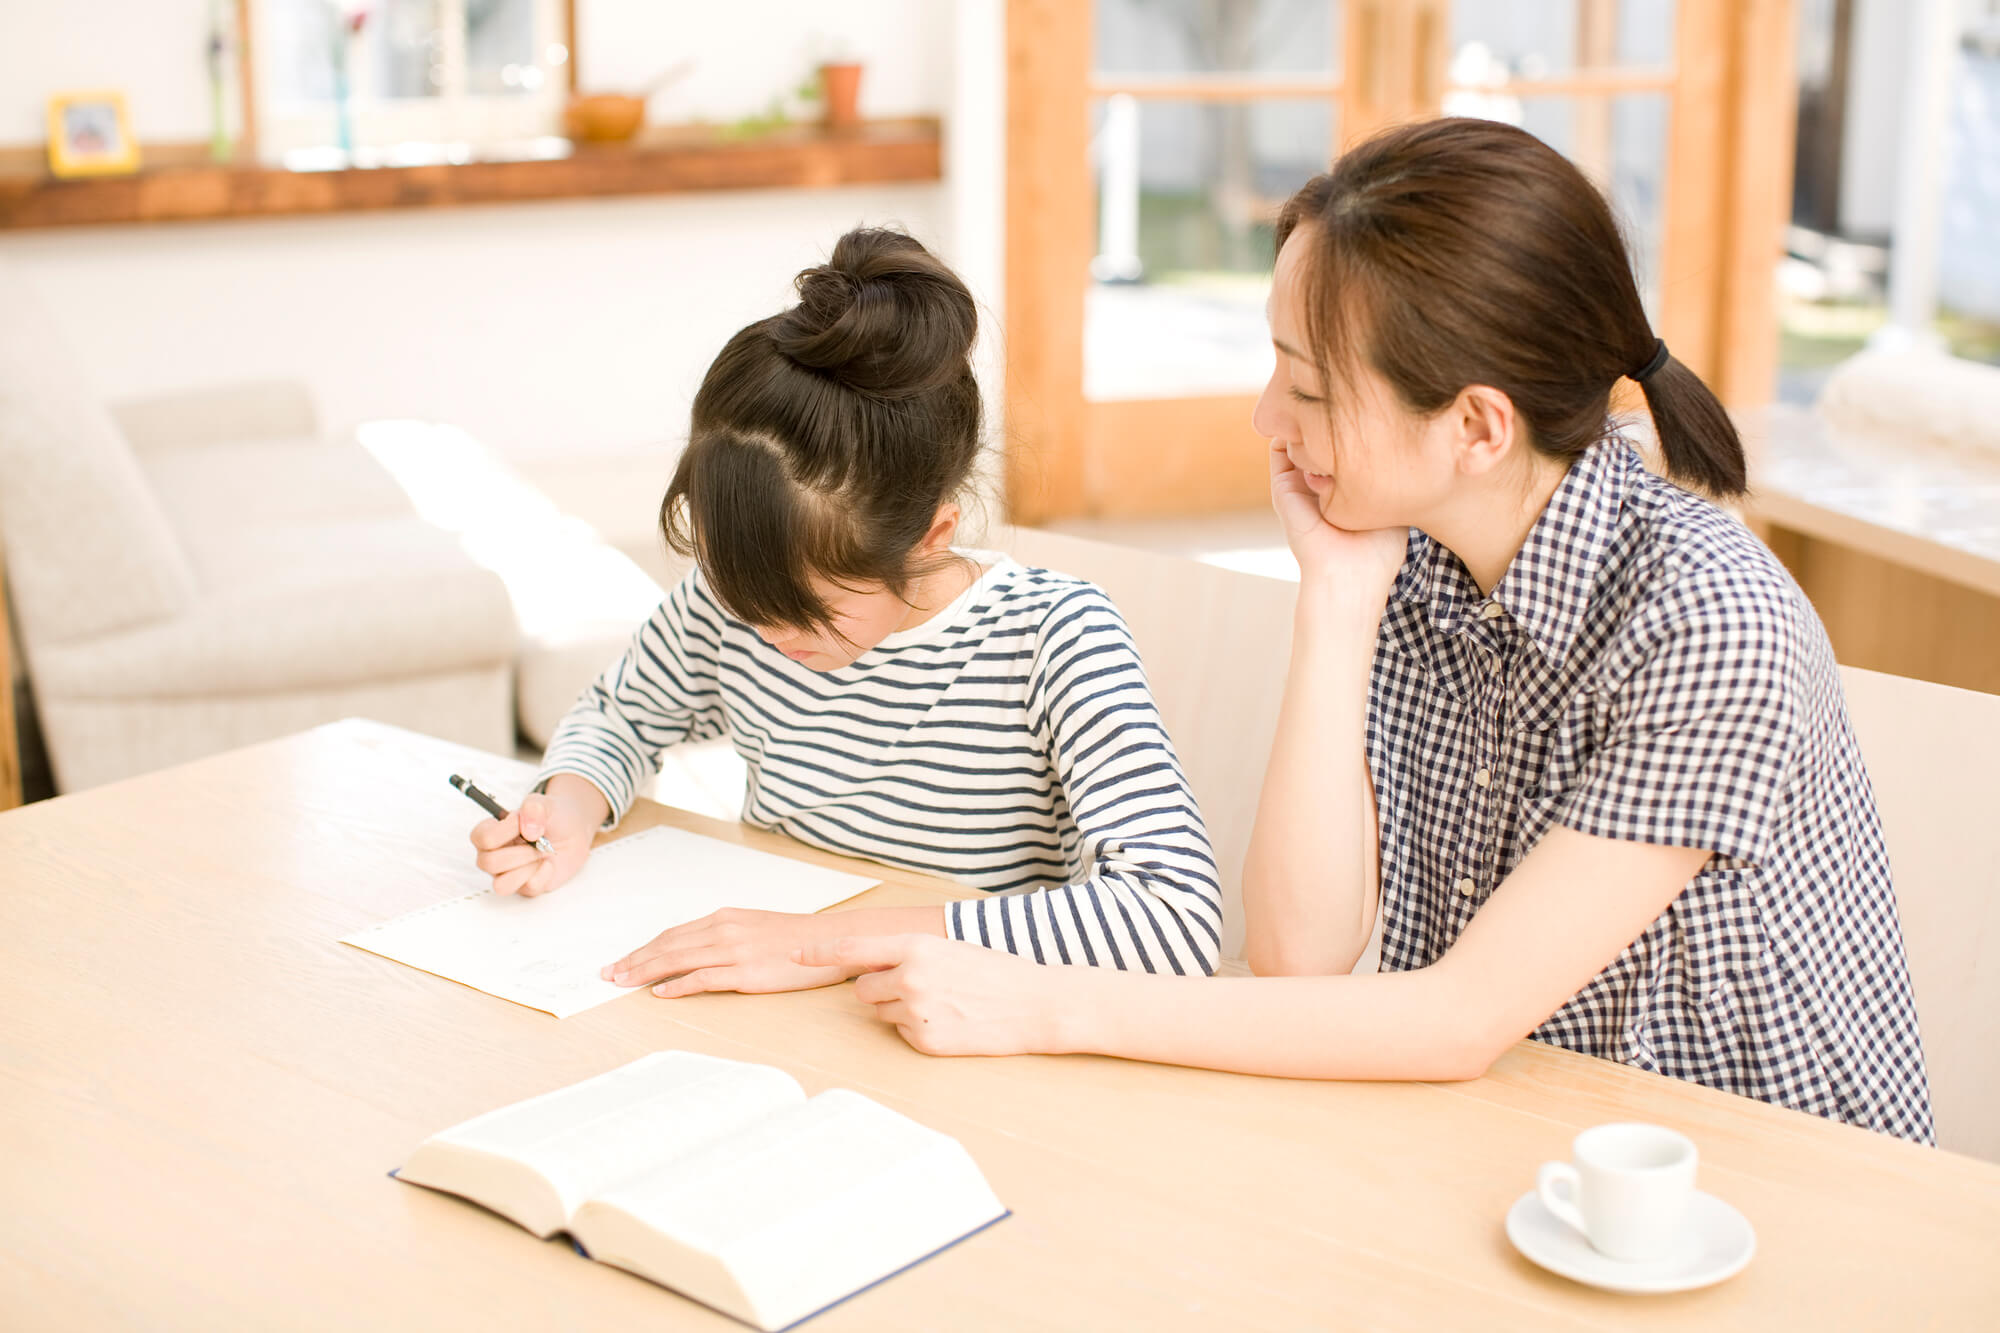 子どもの勉強をみる親